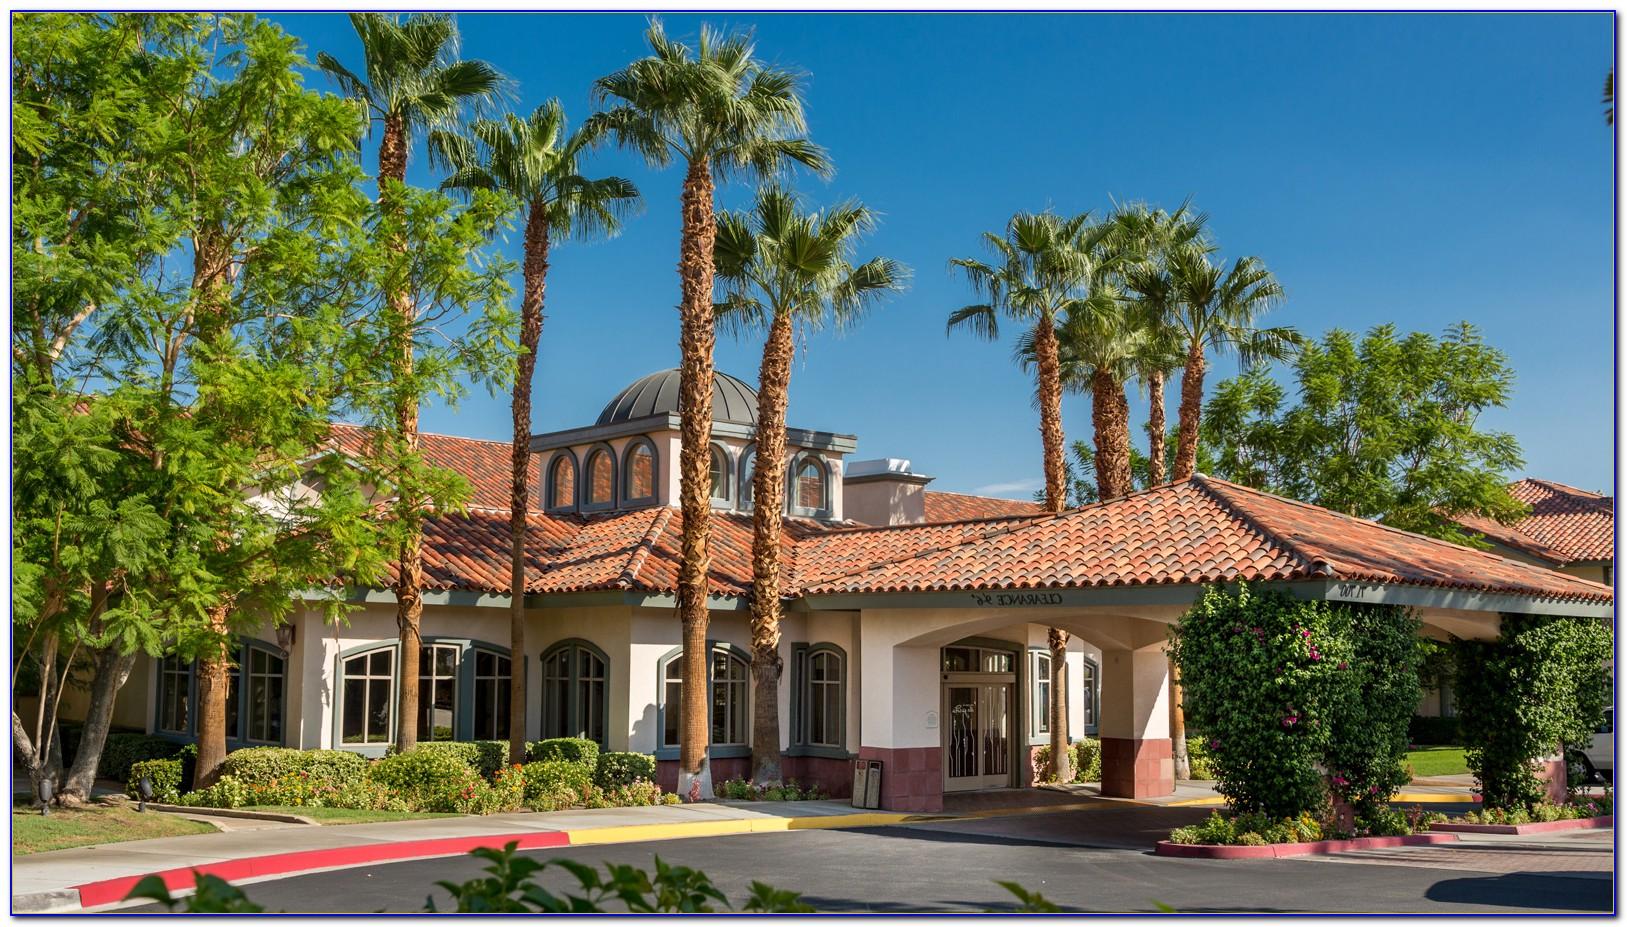 Hilton Garden Inn Rancho Mirage Ca 92270